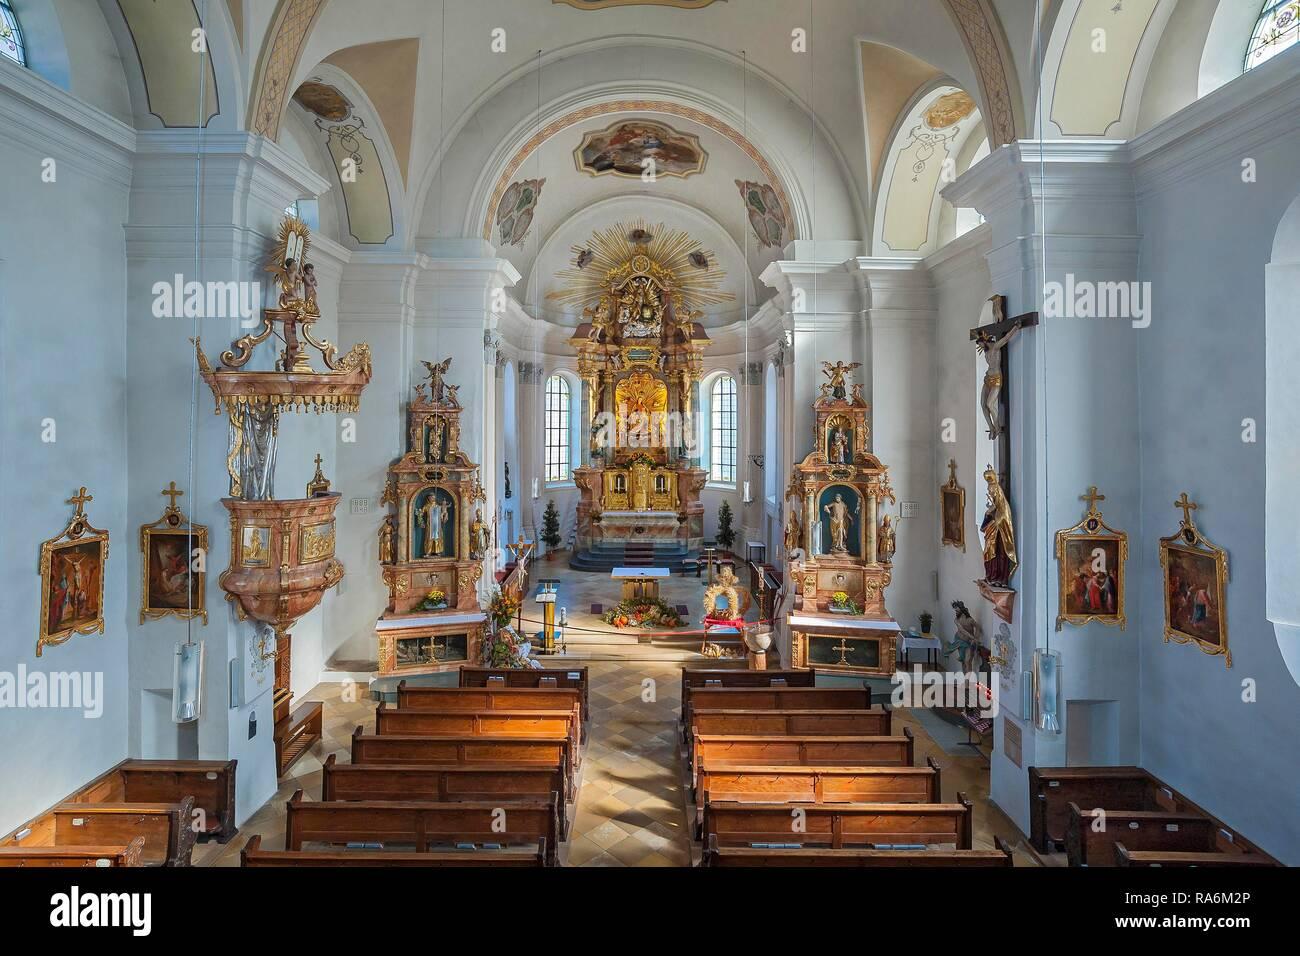 Kirche zu unserer lieben Frau in Oberaudorf, Oberbayern, Bayern, Deutschland Stockbild